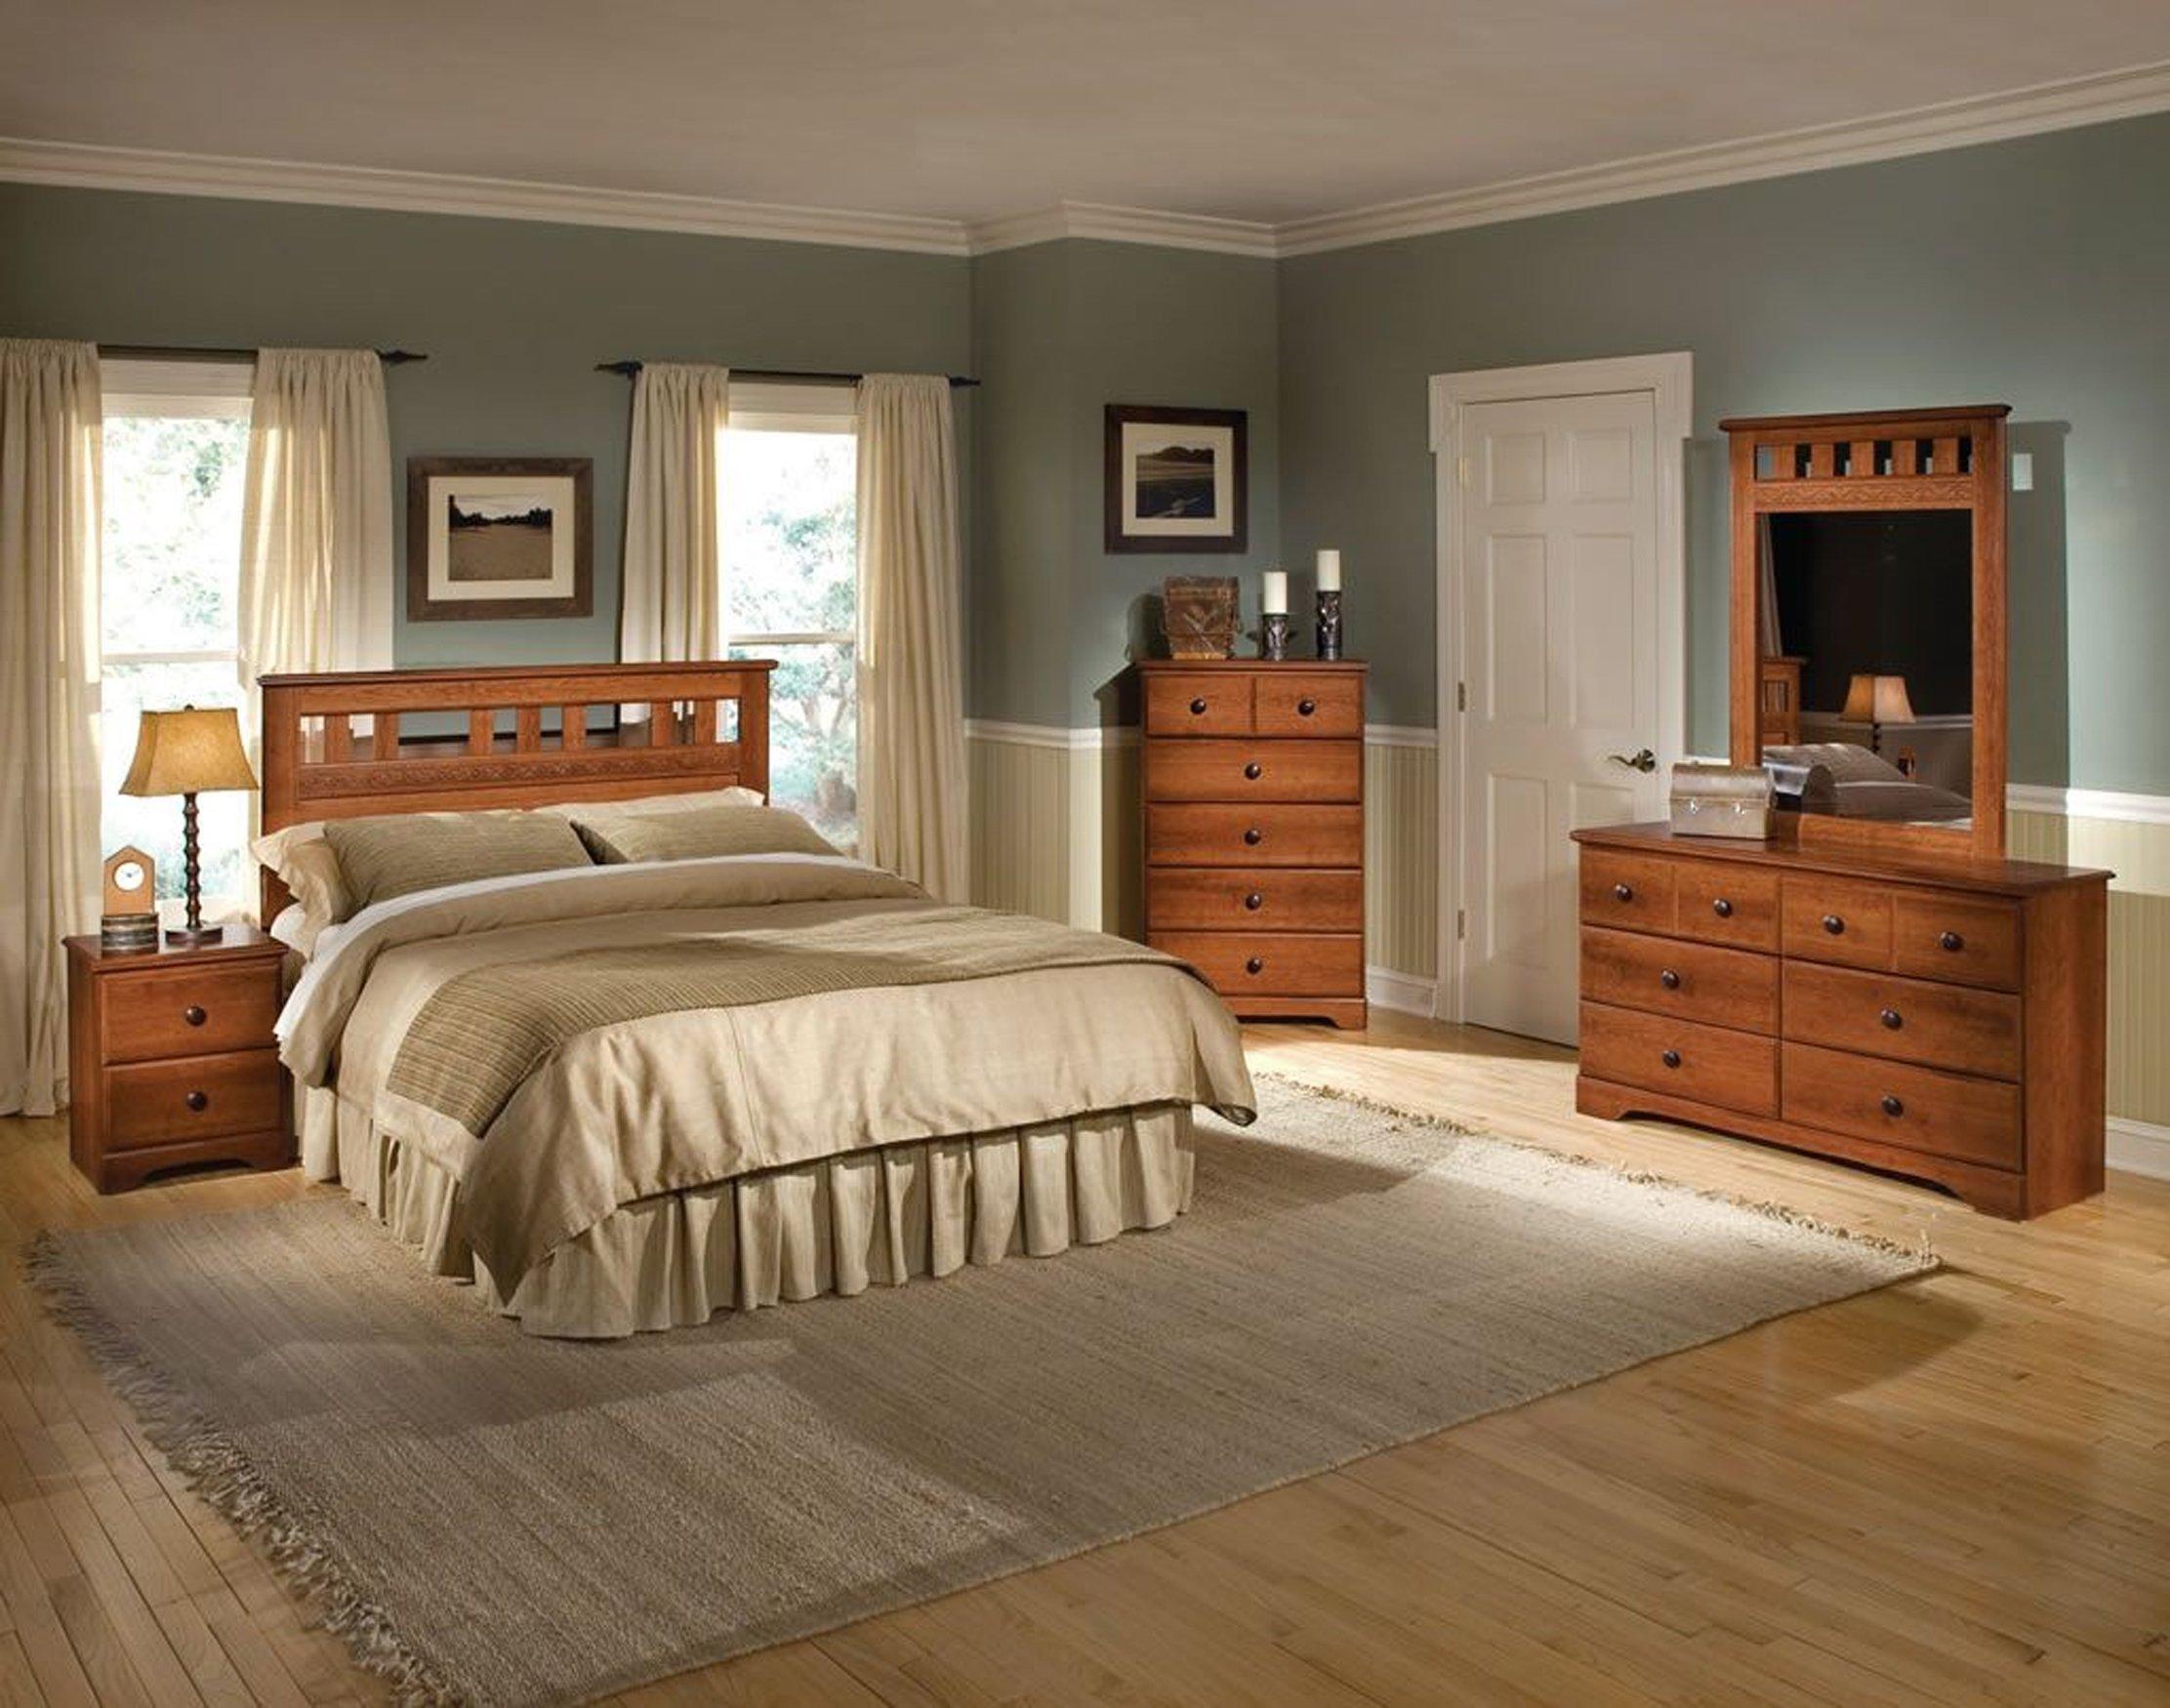 Cambridge 98108A5Q1-LC Seasons Five Piece Suite: Queen Bed, Dresser, Mirror, Chest, Nightstand Bedroom Sets Indoor Furniture, Brown